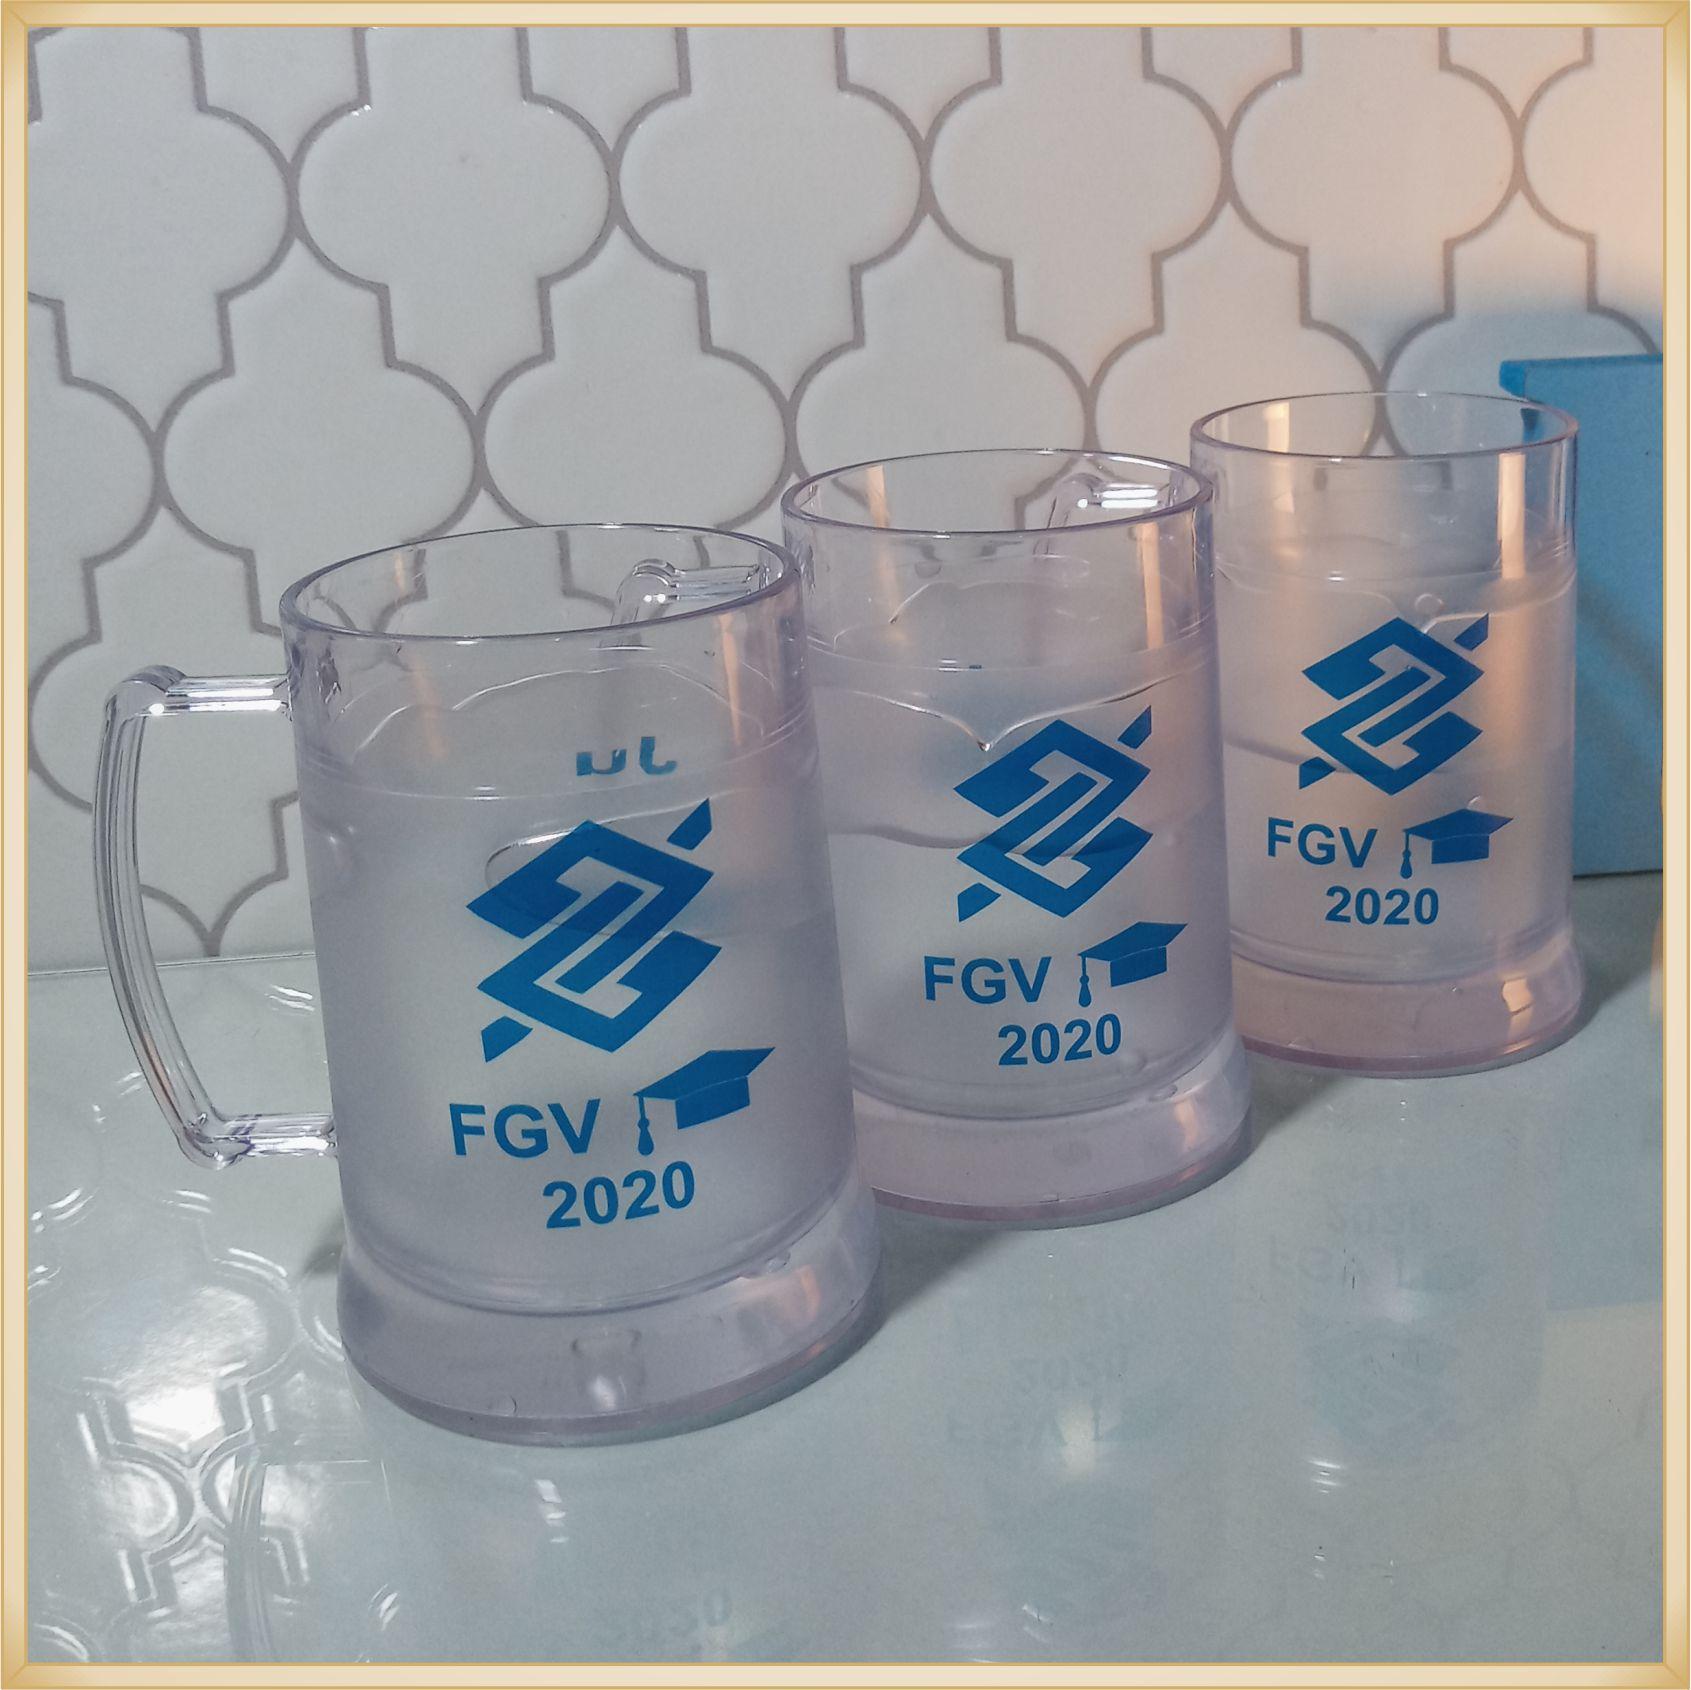 Canecas de gel personalizadas Formatura - acrílico qualidade, ótimo acabamento, sistema de congelamento, parede dupla, 300 ml. - kit 10 unidades